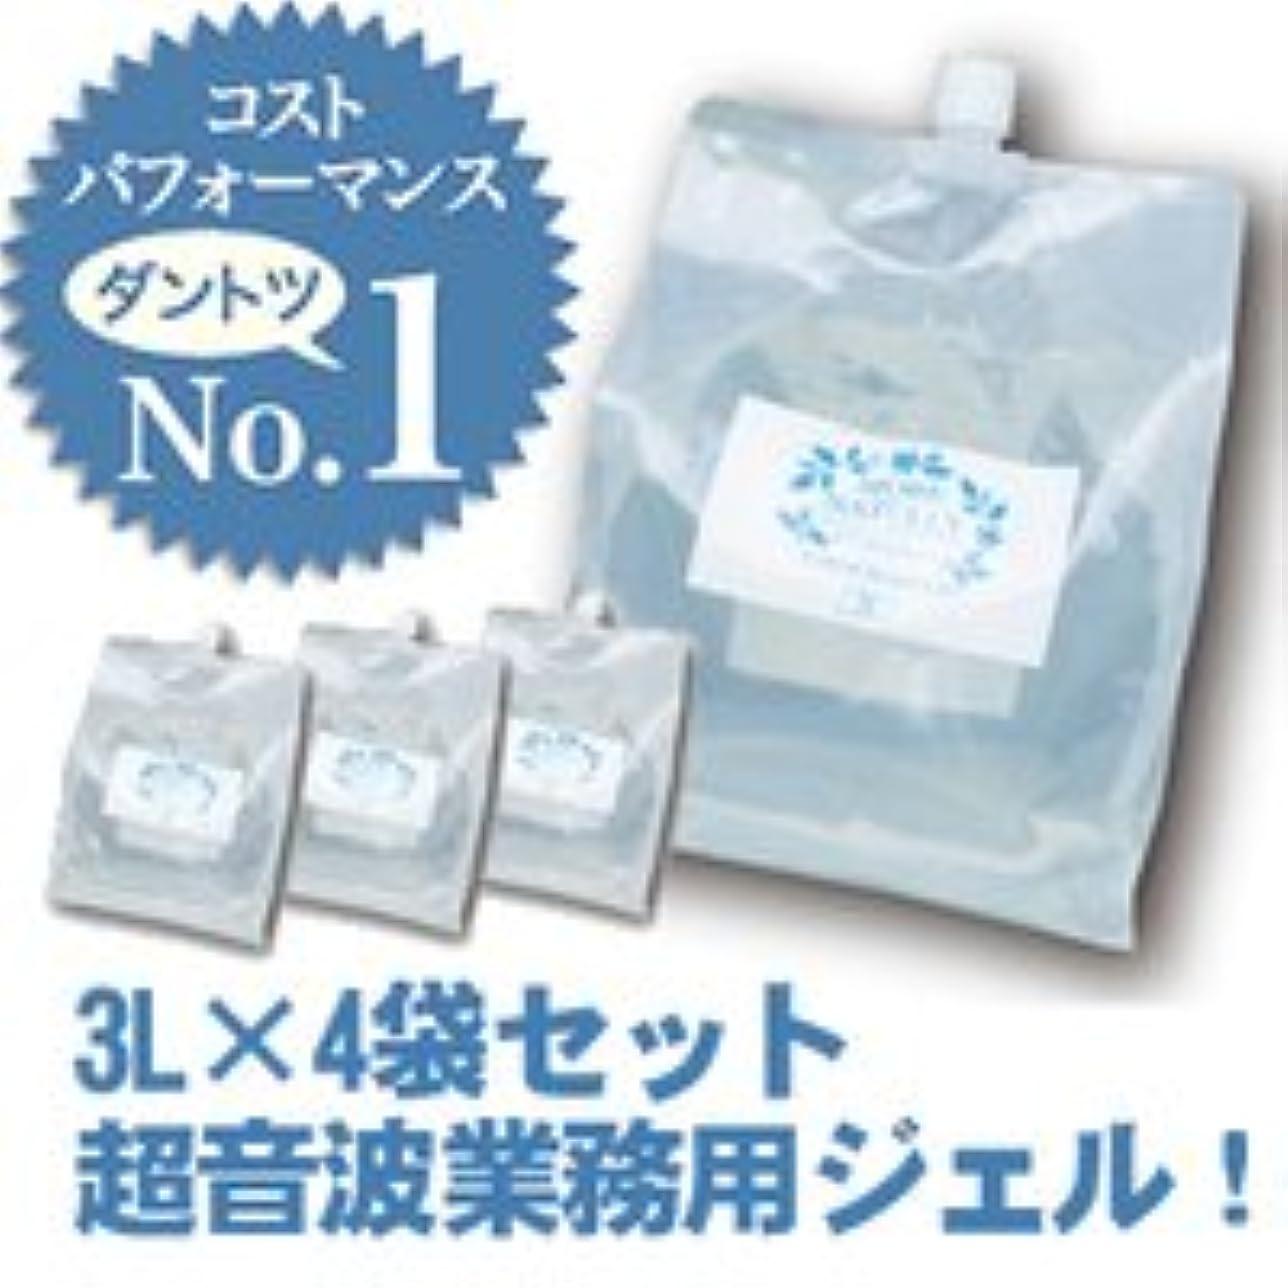 シングルセットアップ威信モアナチュリー キャビ&フラッシュジェル 4袋セット 3L×4袋 12Lスーパーハードタイプ